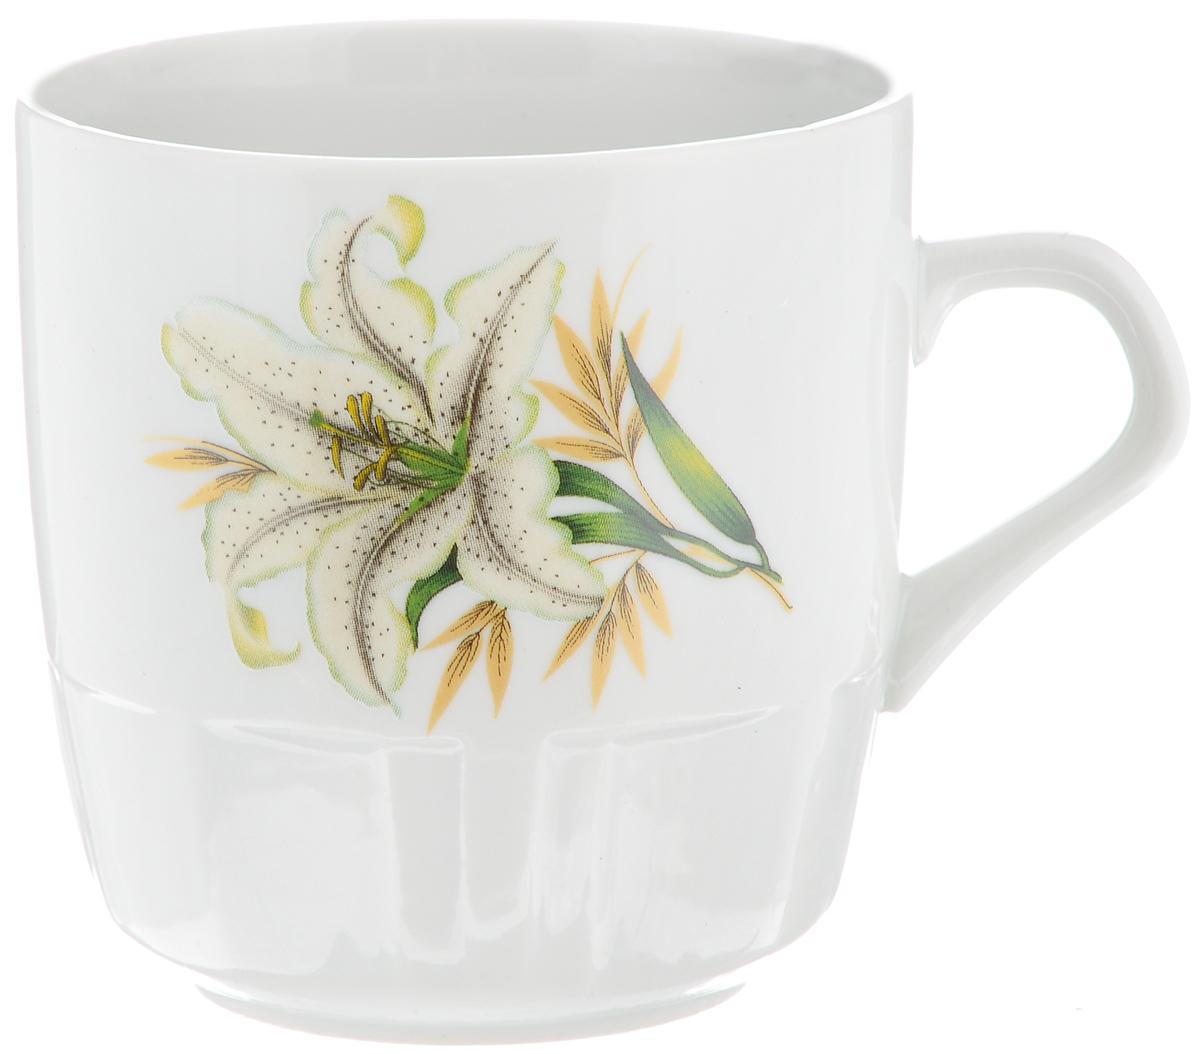 """Красивая кружка Фарфор Вербилок """"Белая лилия"""" способна скрасить любое чаепитие. Изделие выполнено из высококачественного фарфора. Посуда из такого материала позволяет сохранить истинный вкус напитка, а также помогает ему дольше оставаться теплым. Объем кружки: 250 мл. Диаметр по верхнему краю: 8 см. Диаметр основания: 5,2 см. Высота кружки: 8,5 см."""